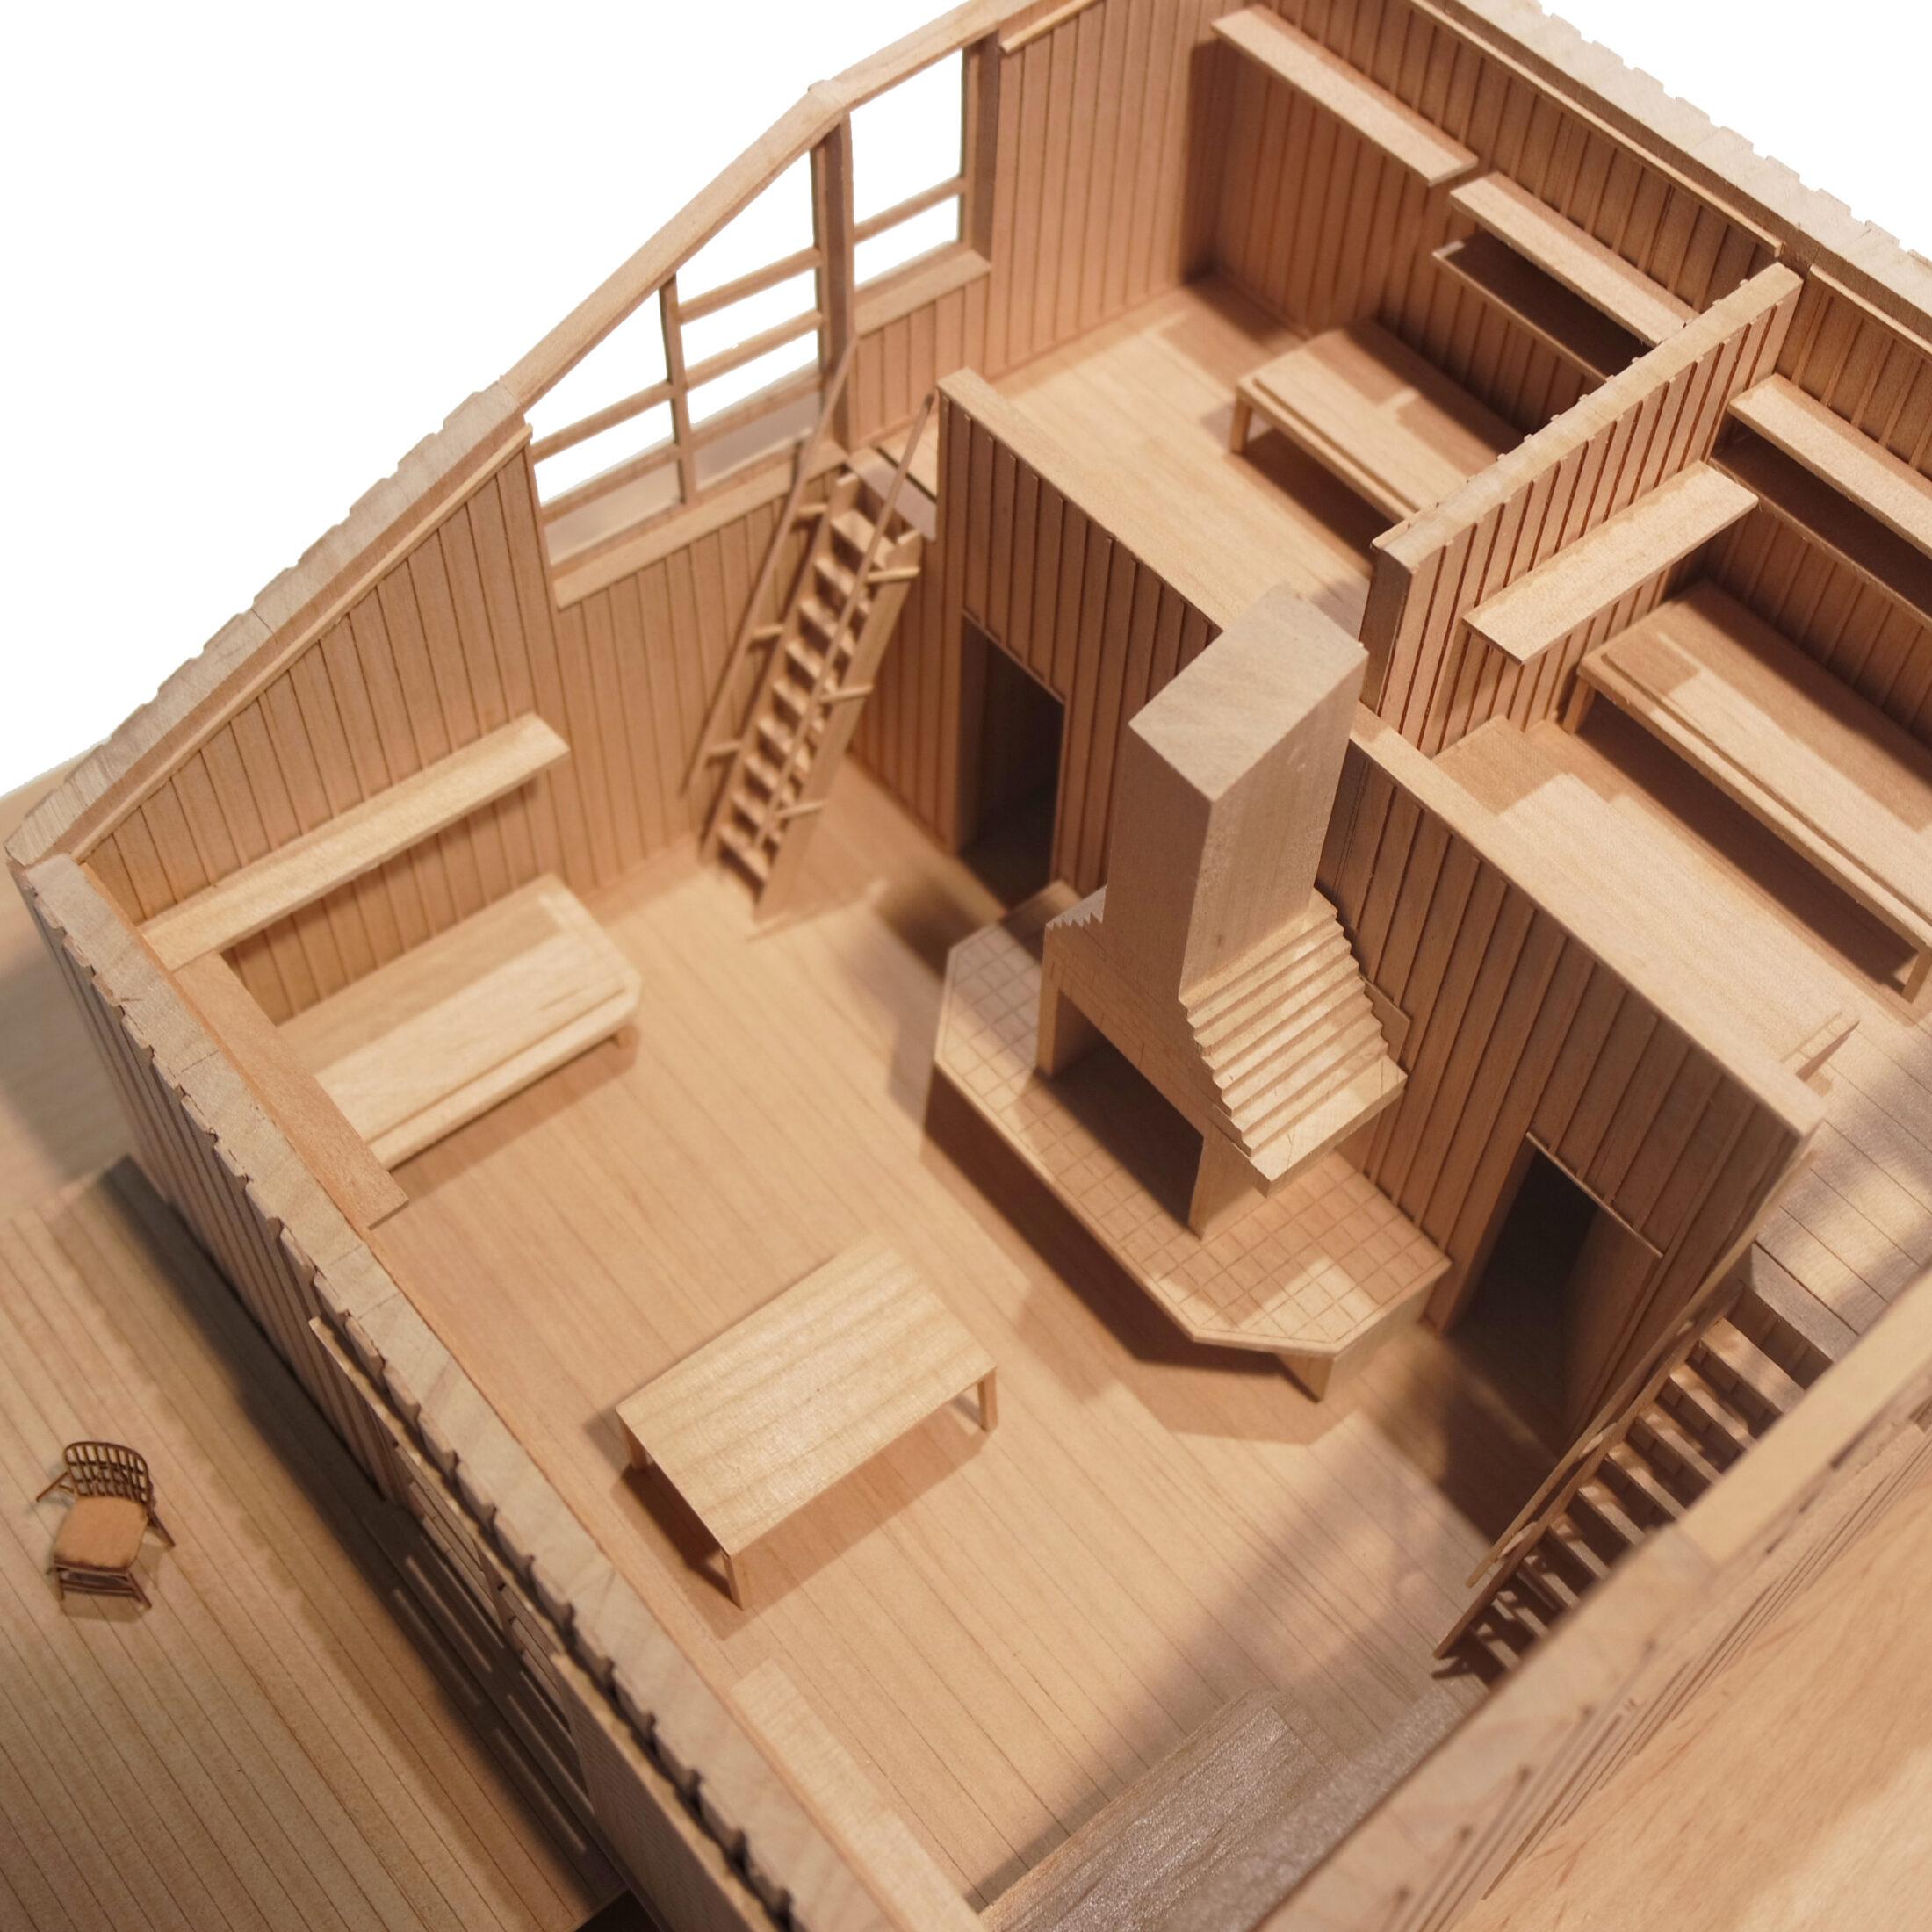 Fysisk modell av Nyréns fjällstuga i Fjällnäs. Nyréns modellverkstad